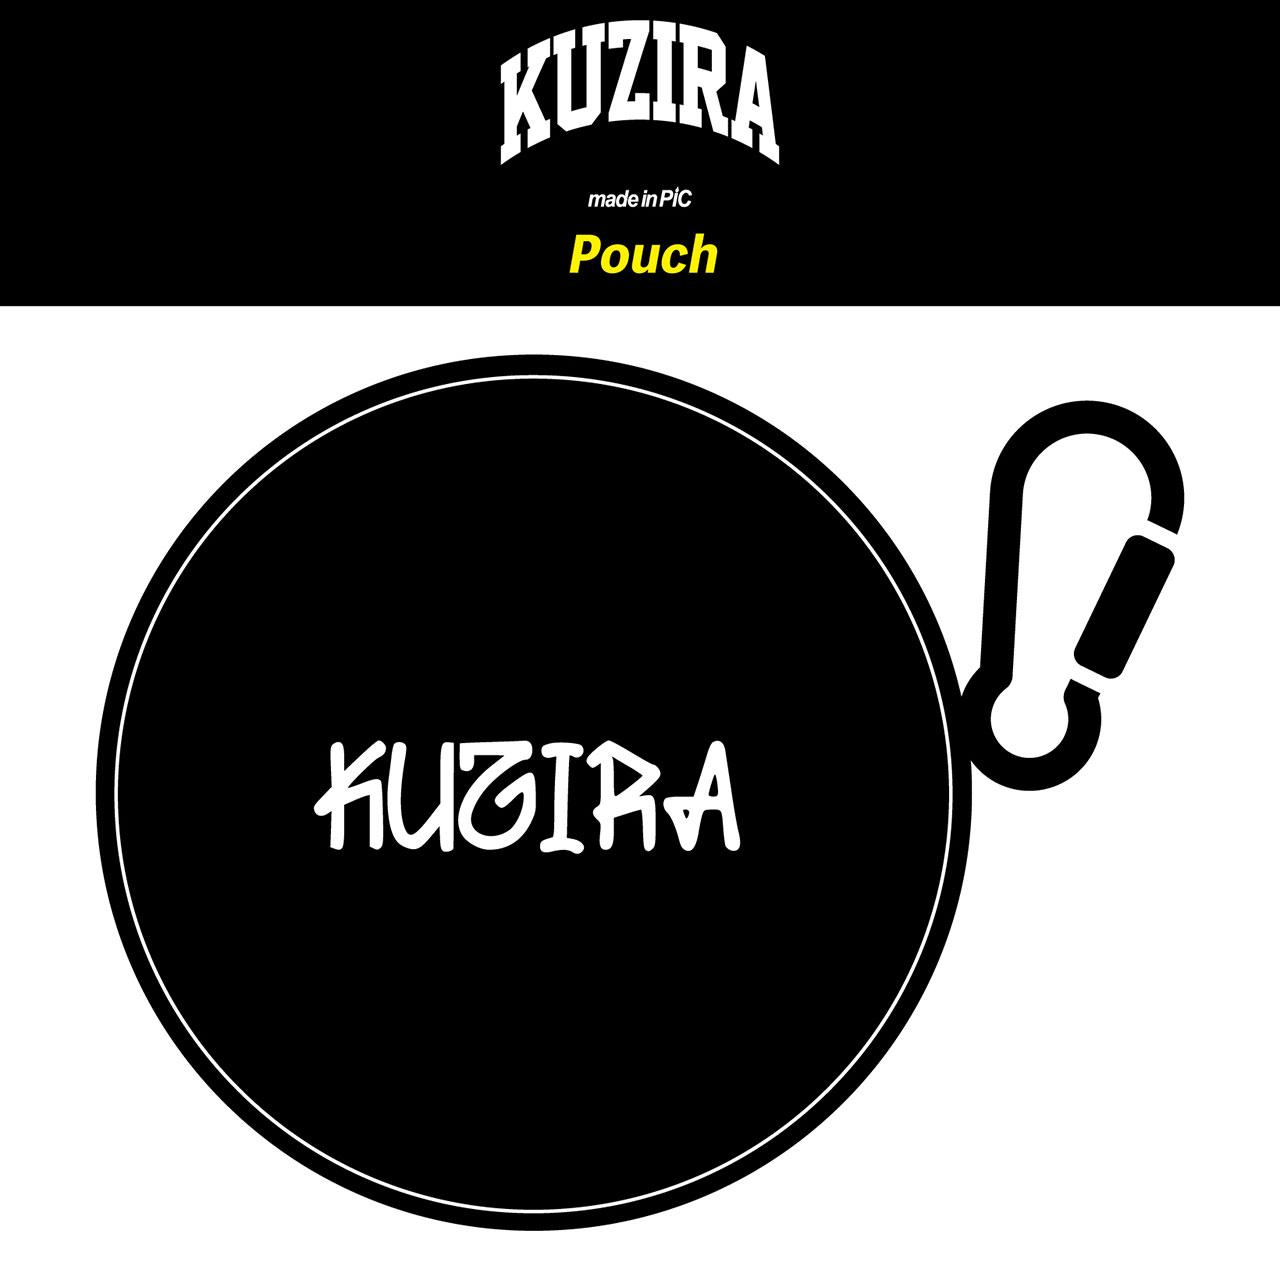 KUZIRA Pouch